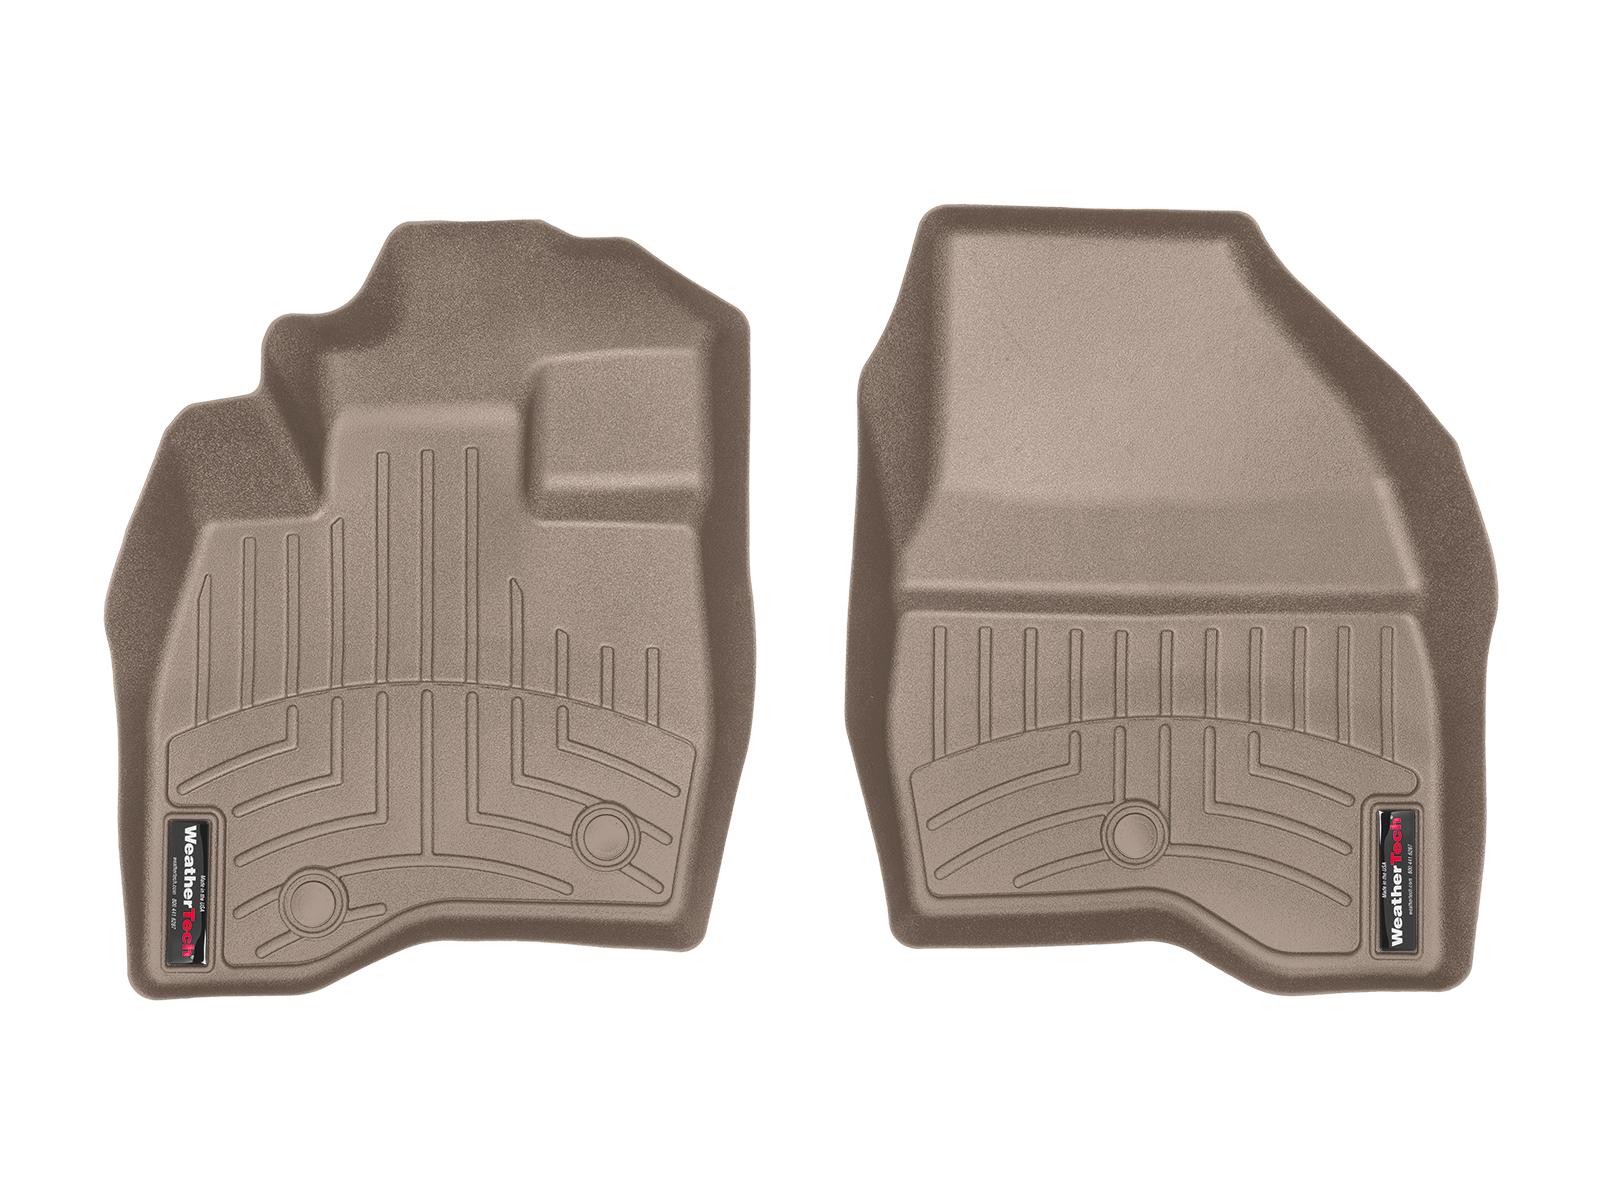 Tappeti gomma su misura bordo alto Ford Explorer 17>17 Marrone A883*